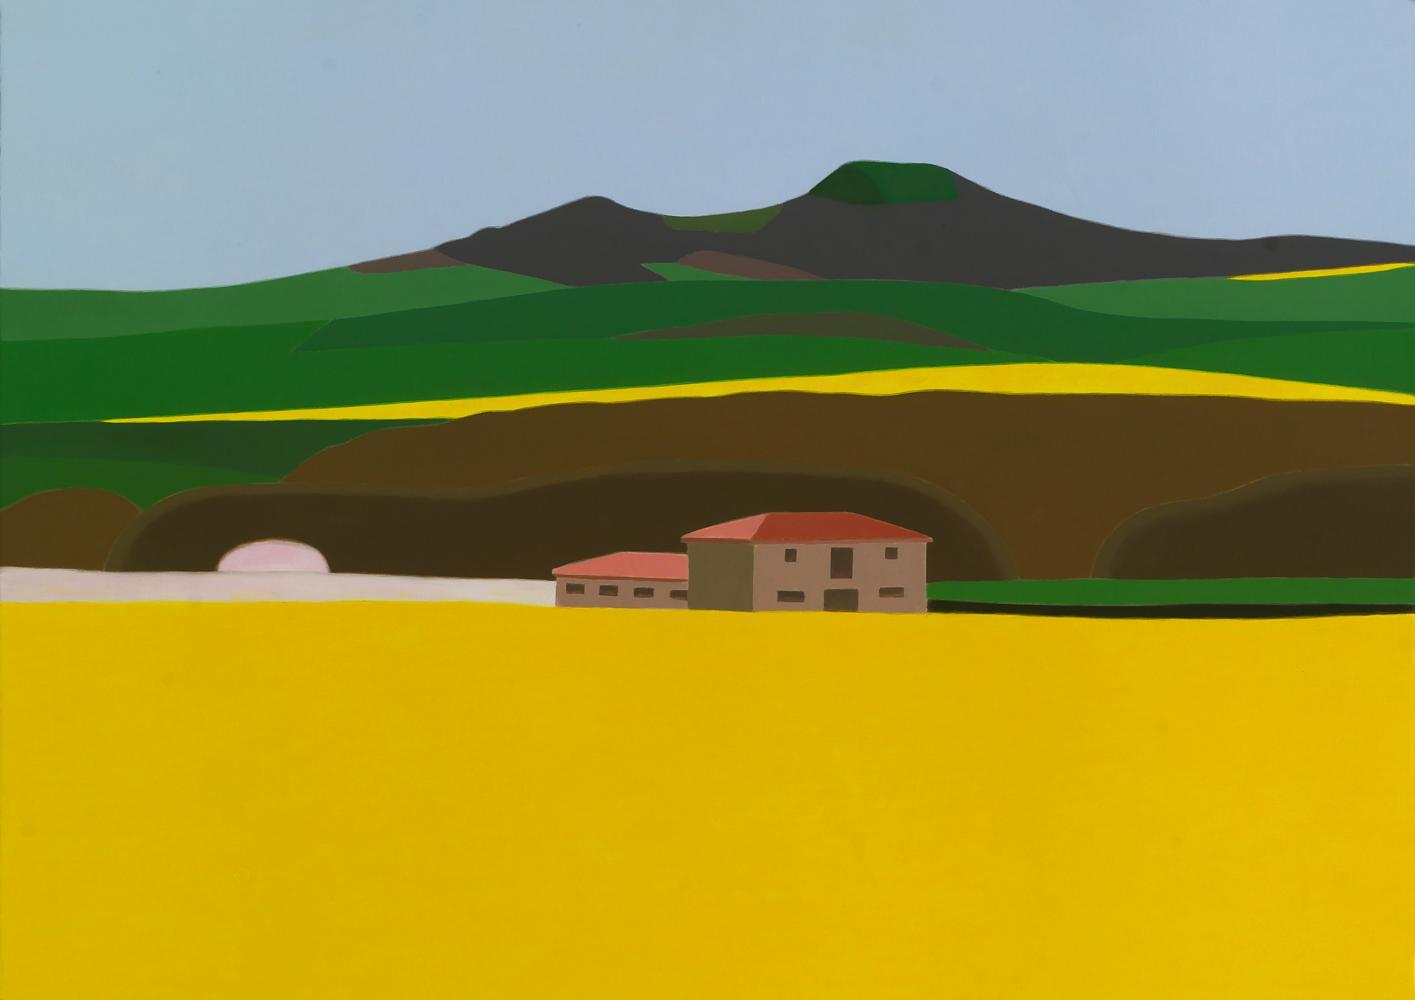 Colza en Echauri, 65x 92 cm, óleo lienzo, 2013.